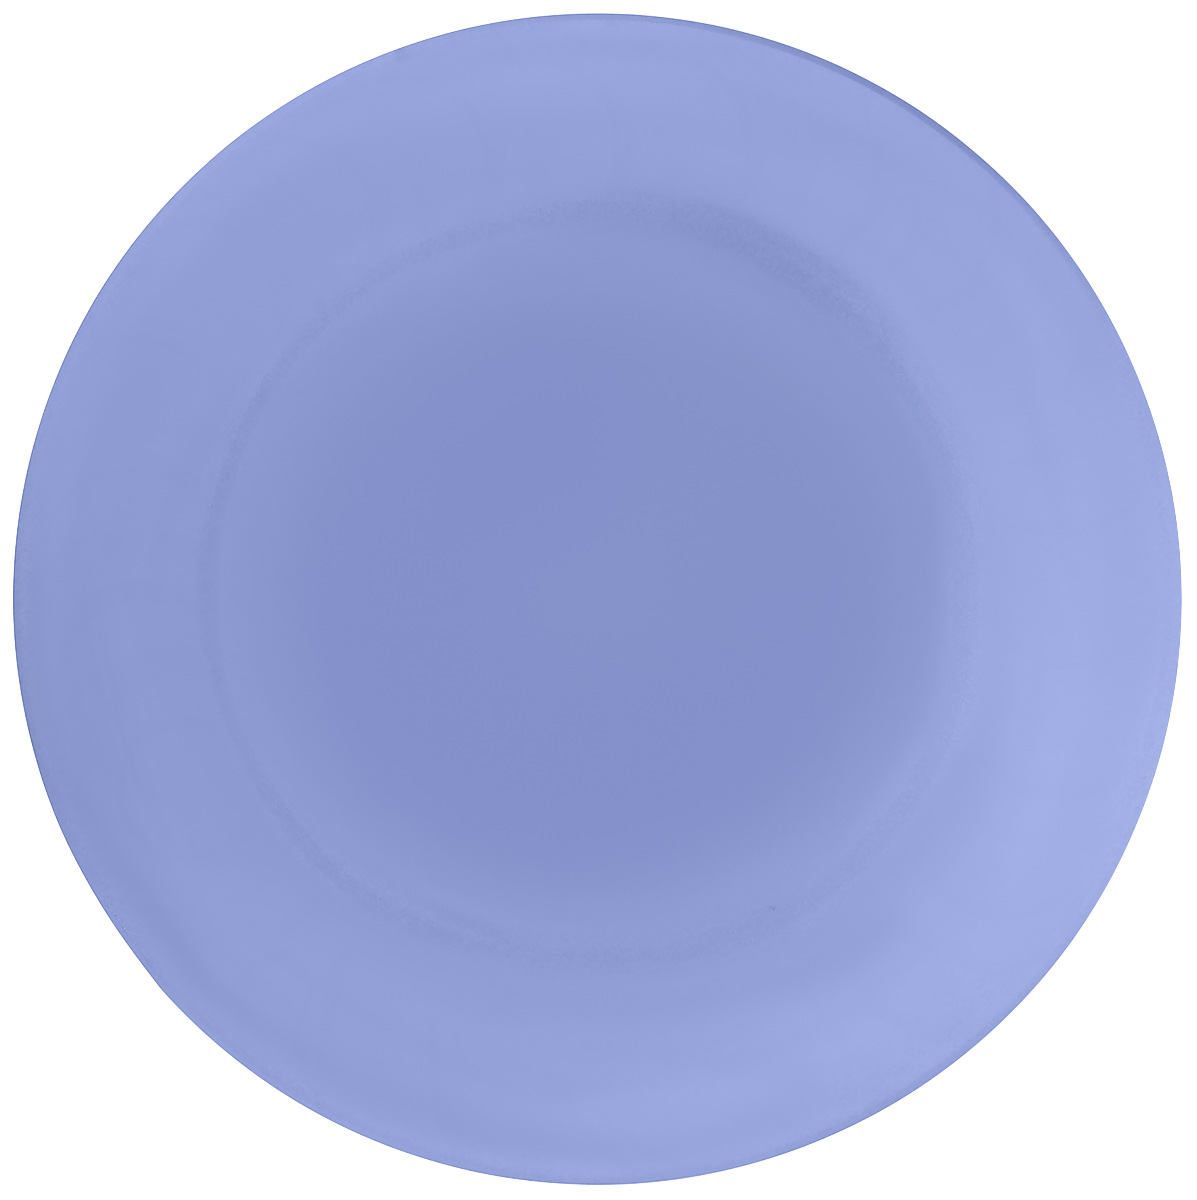 Тарелка NiNaGlass Палитра, цвет: голубой, диаметр 26 см85-260-125псТарелка NiNaGlass Палитра выполнена из высококачественного стекла яркий насыщенный цвет. Тарелка идеальна для подачи вторых блюд, а также сервировки закусок, нарезок, салатов, овощей и фруктов. Она отлично подойдет как для повседневных, так и для торжественных случаев. Такая тарелка прекрасно впишется в интерьер вашей кухни и станет достойным дополнением к кухонному инвентарю.